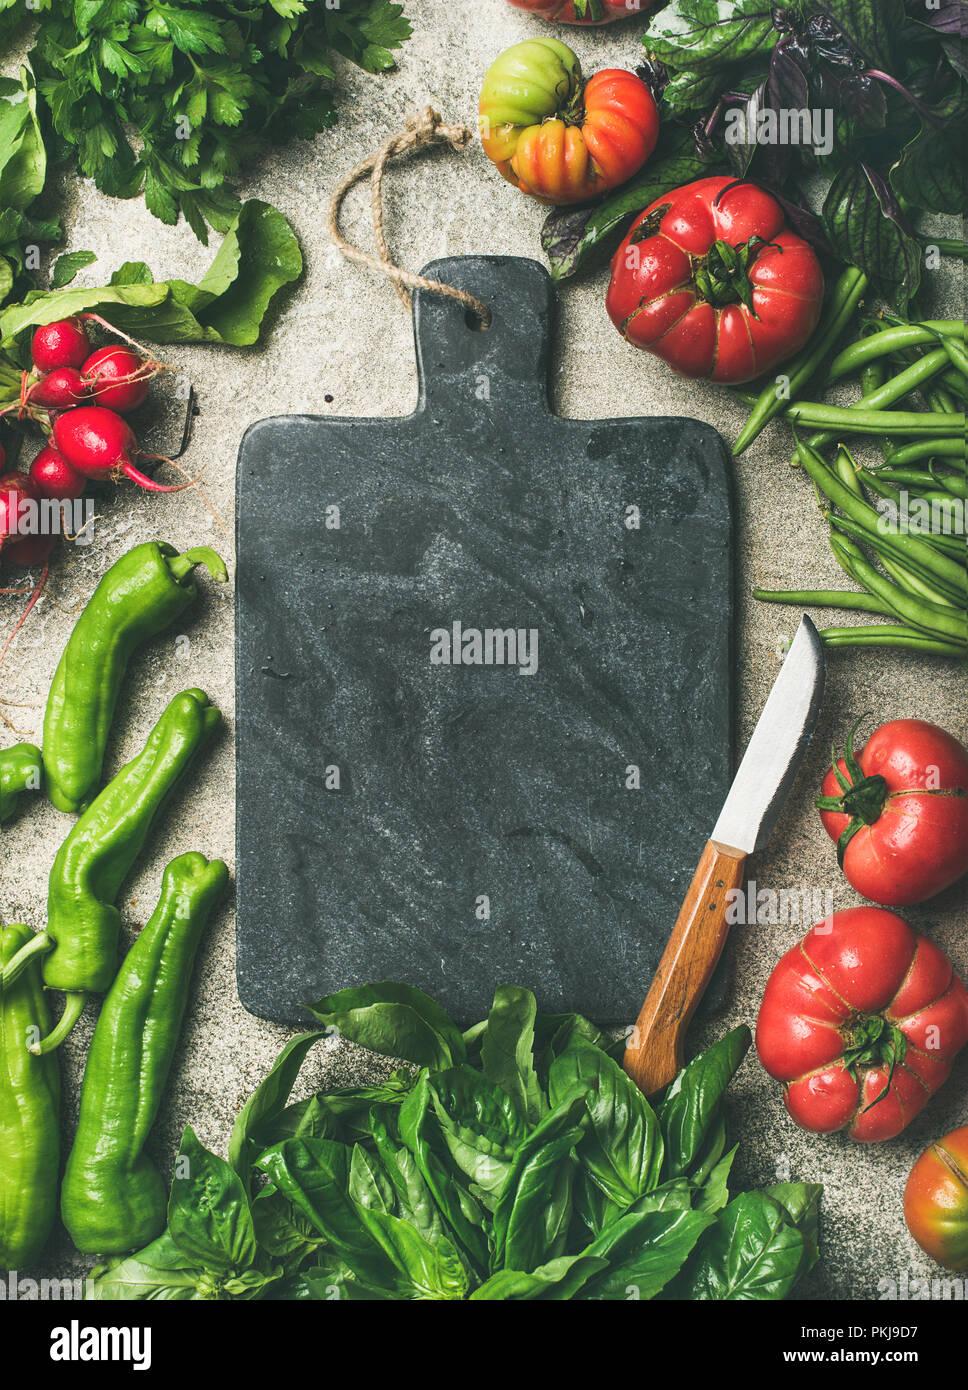 Fondo de cocina estacional de alimentos saludables con verduras de temporada Imagen De Stock